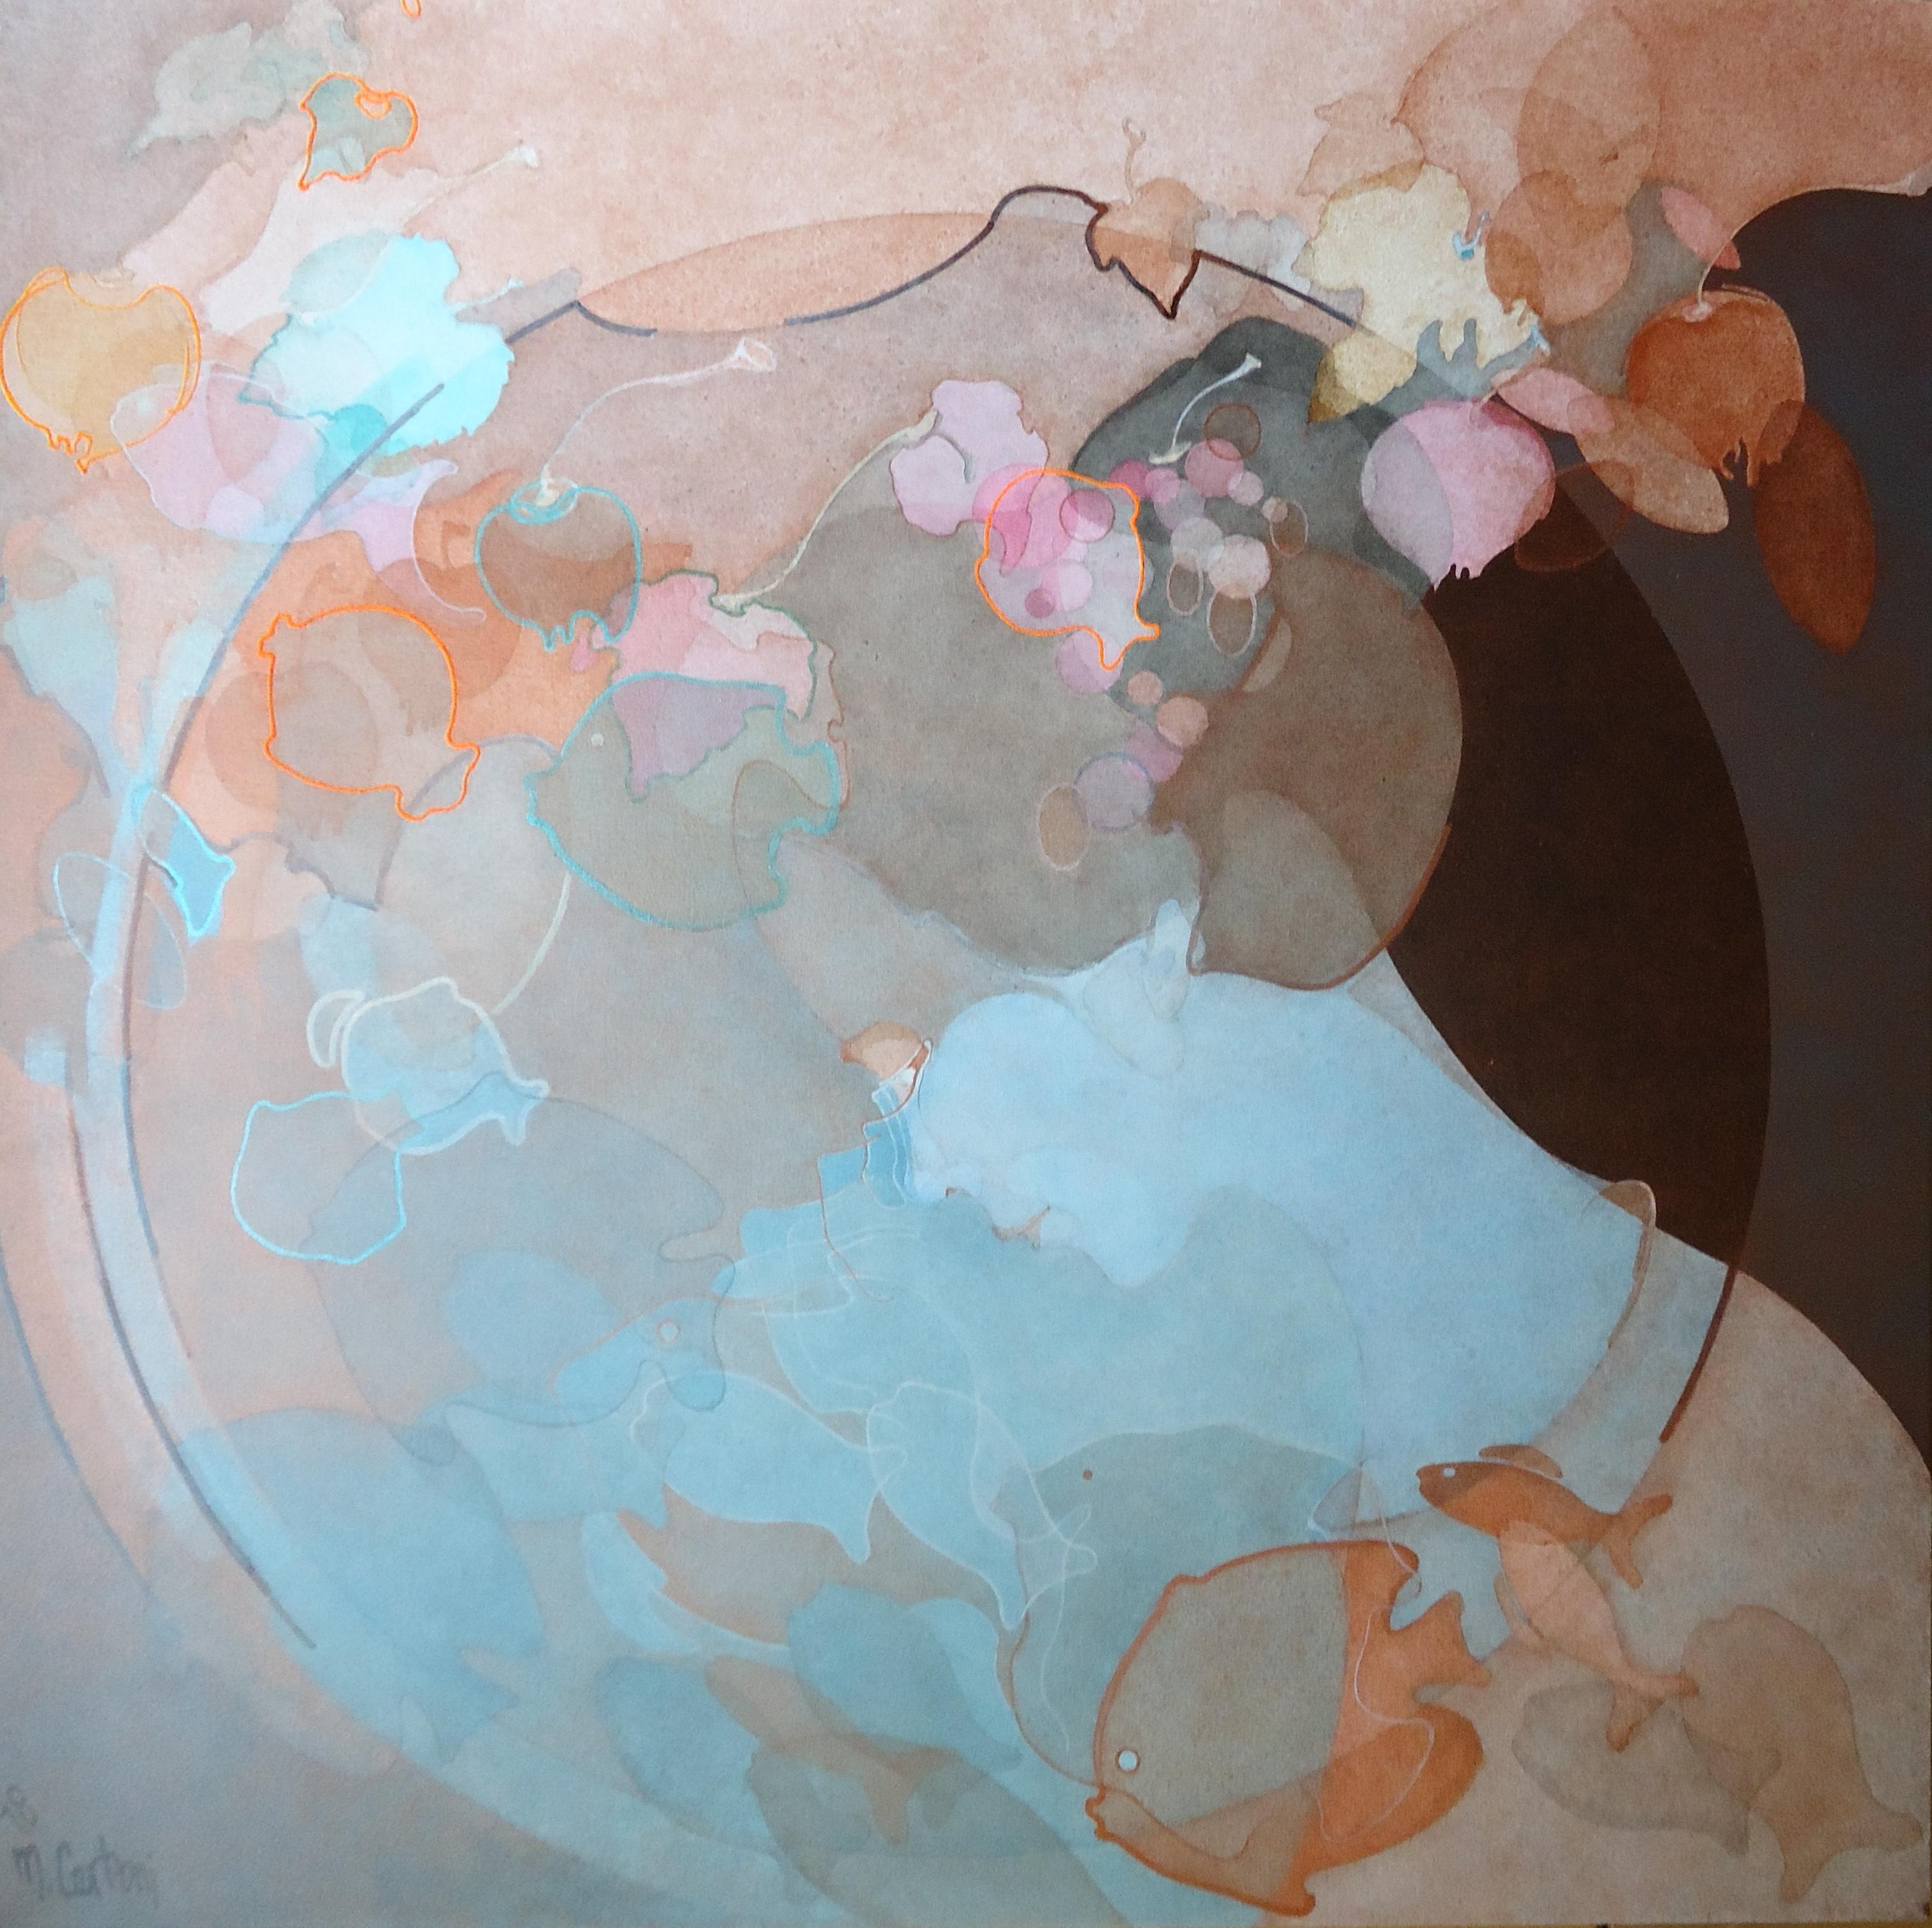 Donna di mare e di terra 2018, acrilico su tela, 100x100cm